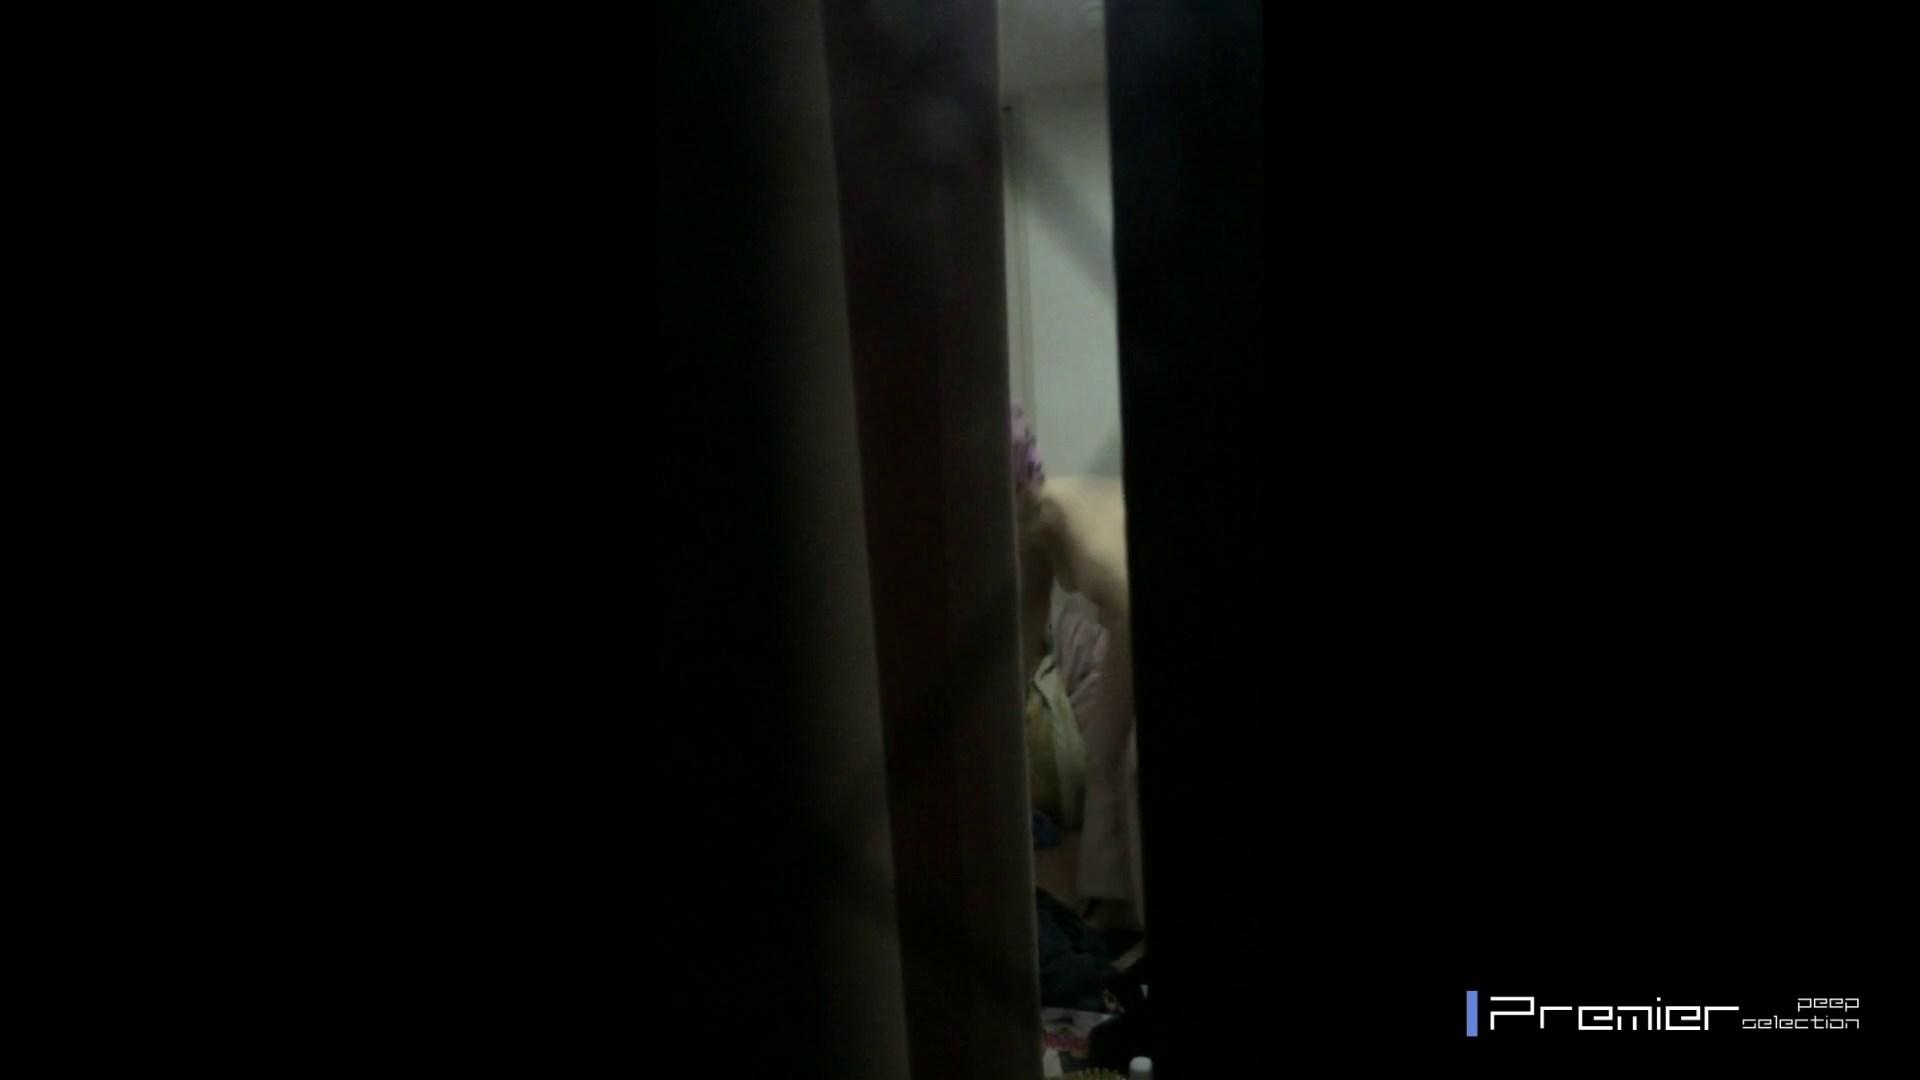 マニア必見!ポチャ達のカーニバル美女達の私生活に潜入! 桃色乳首  64PIX 19